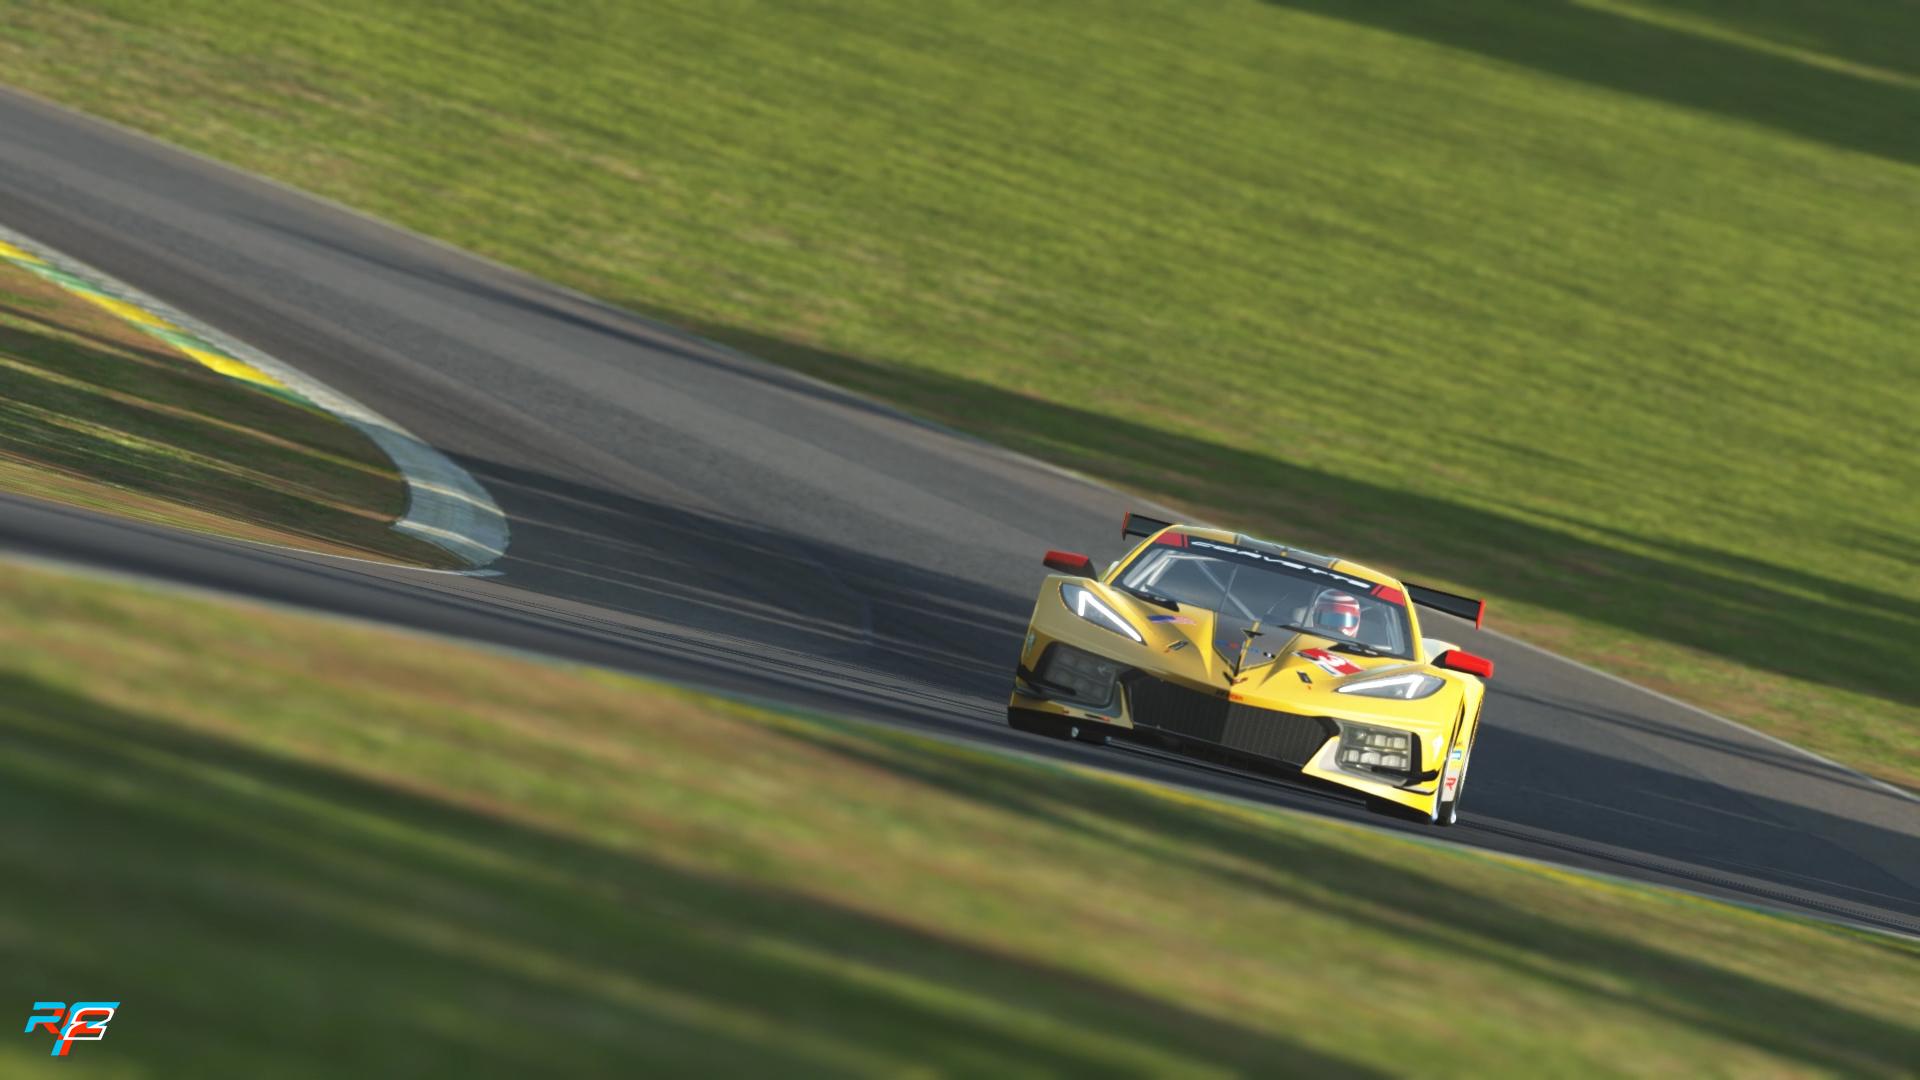 Corvette_C8R_2020_04.jpg